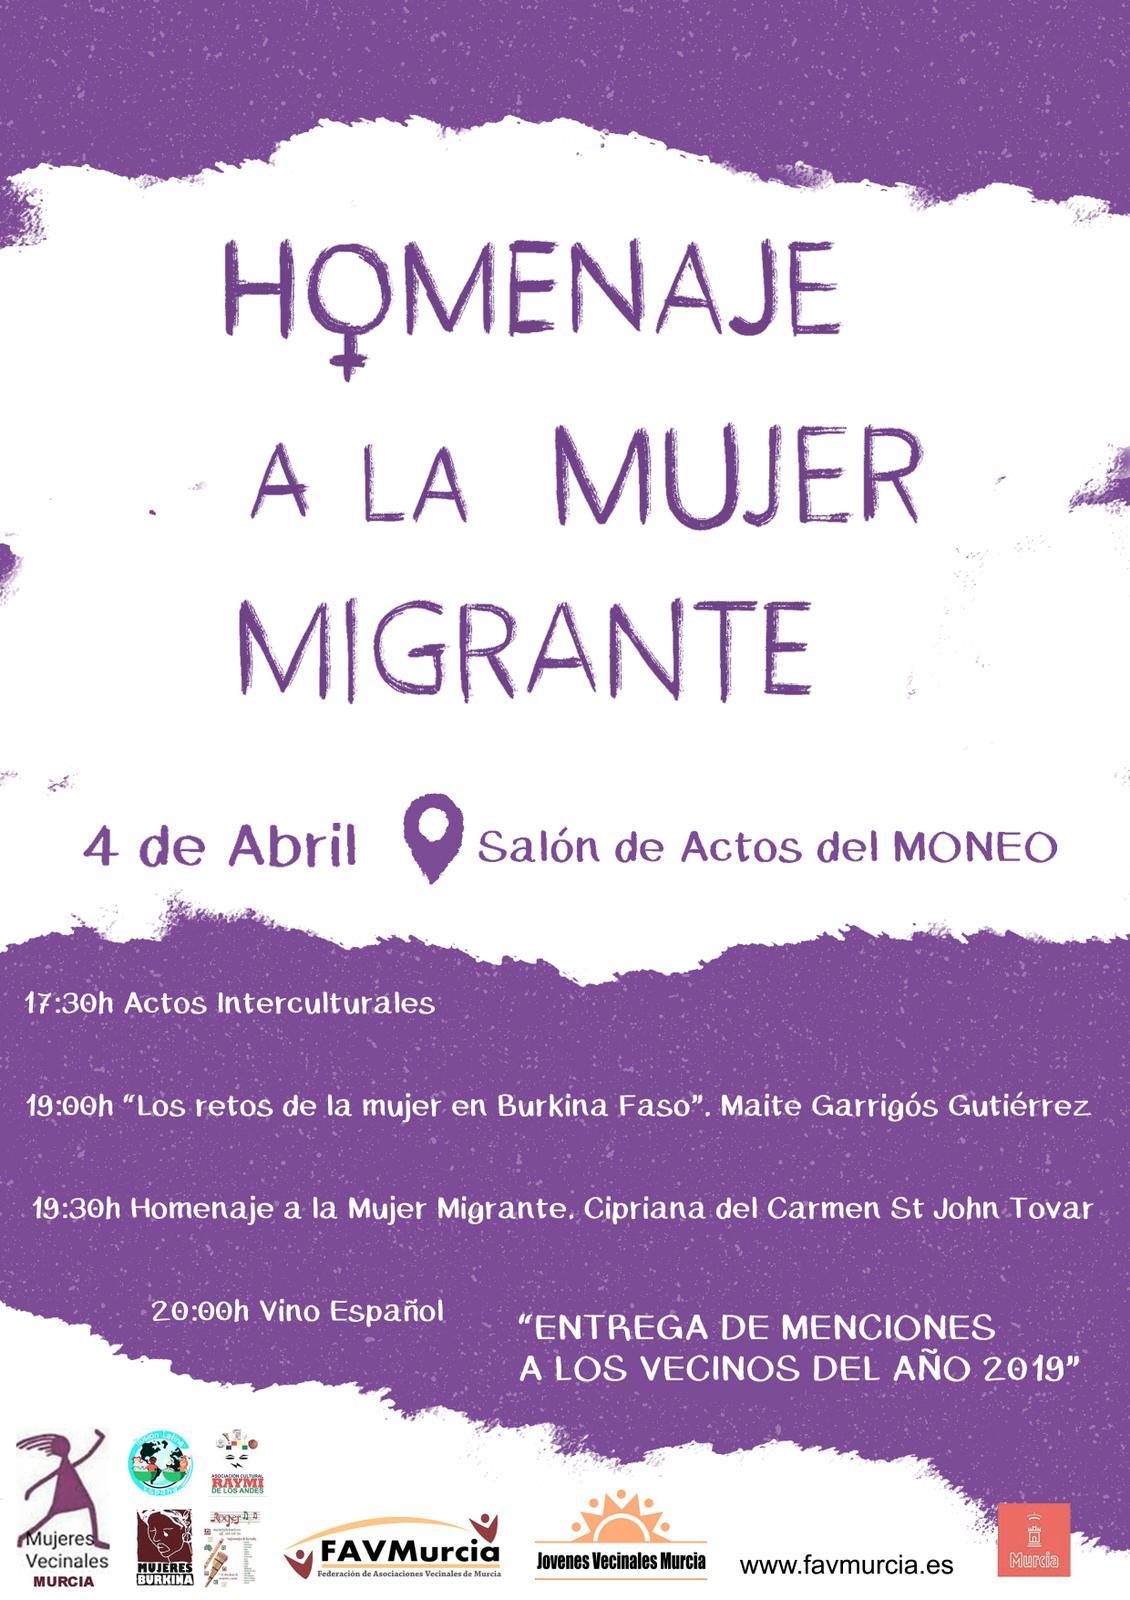 2019-04-04 Cartel Día del vecino - Homenaje a la mujer migrante - FAVMurcia